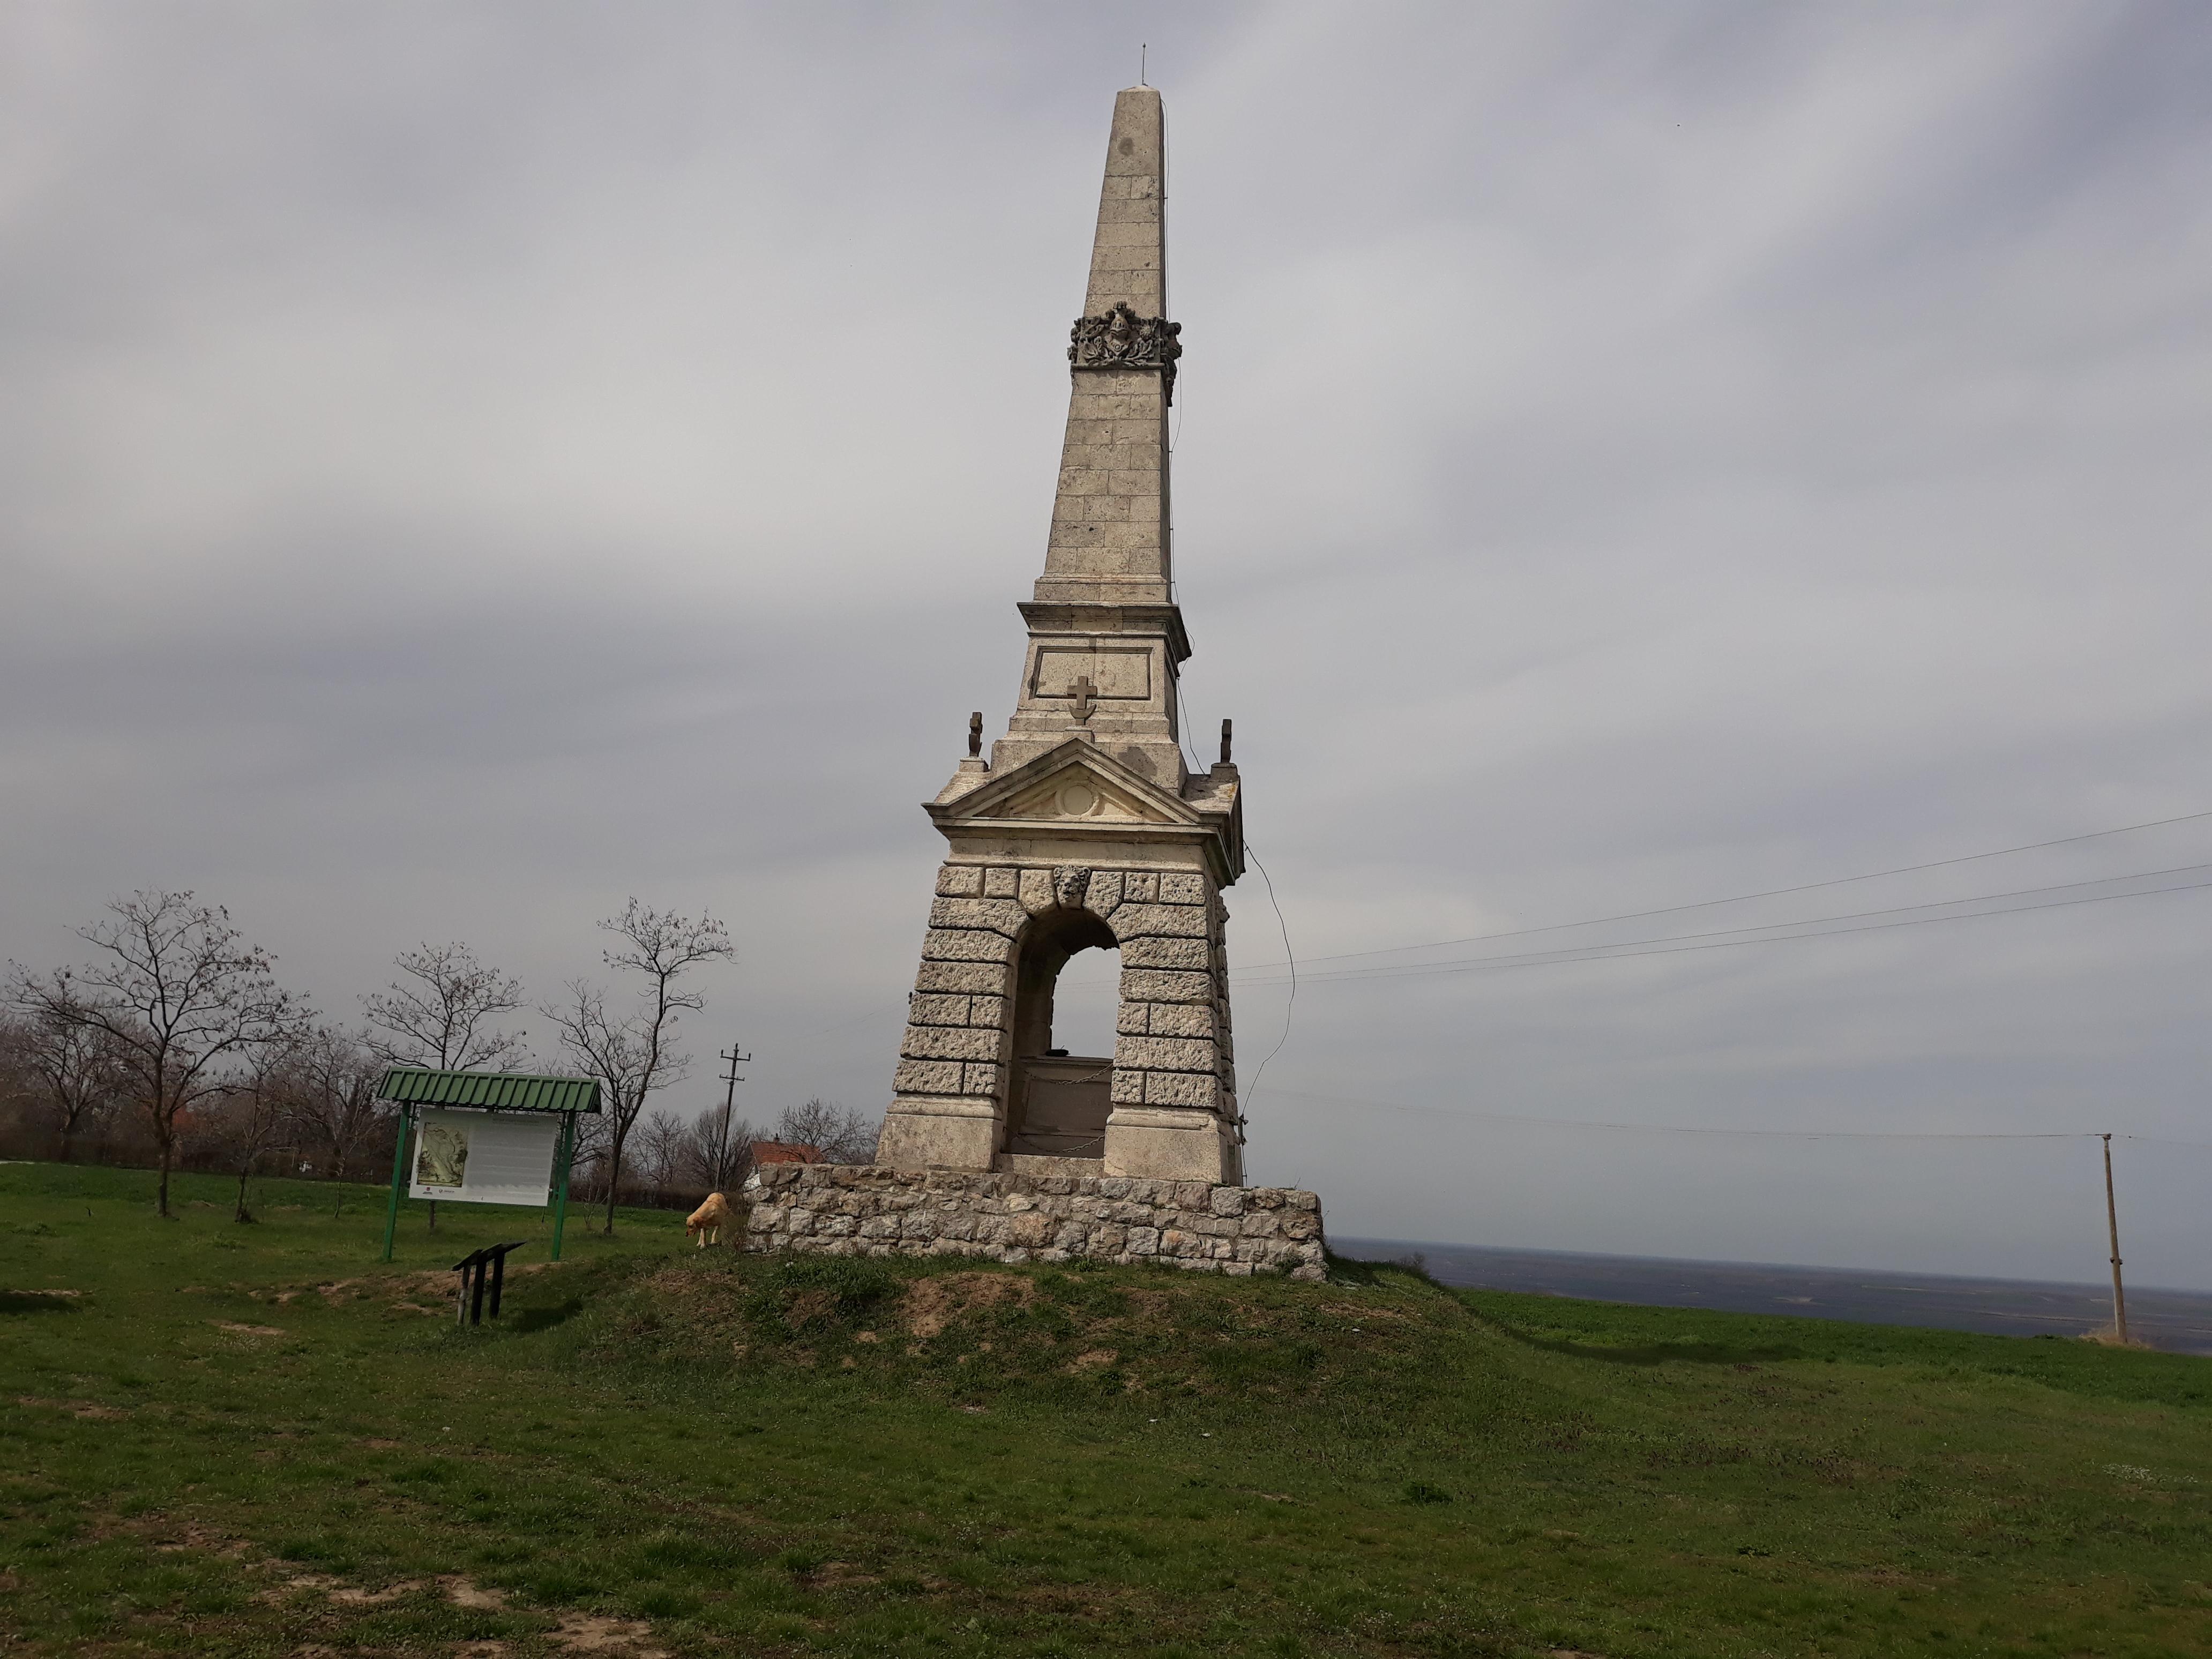 Slankamenački obelisk-nemi svedok istorijske bitke